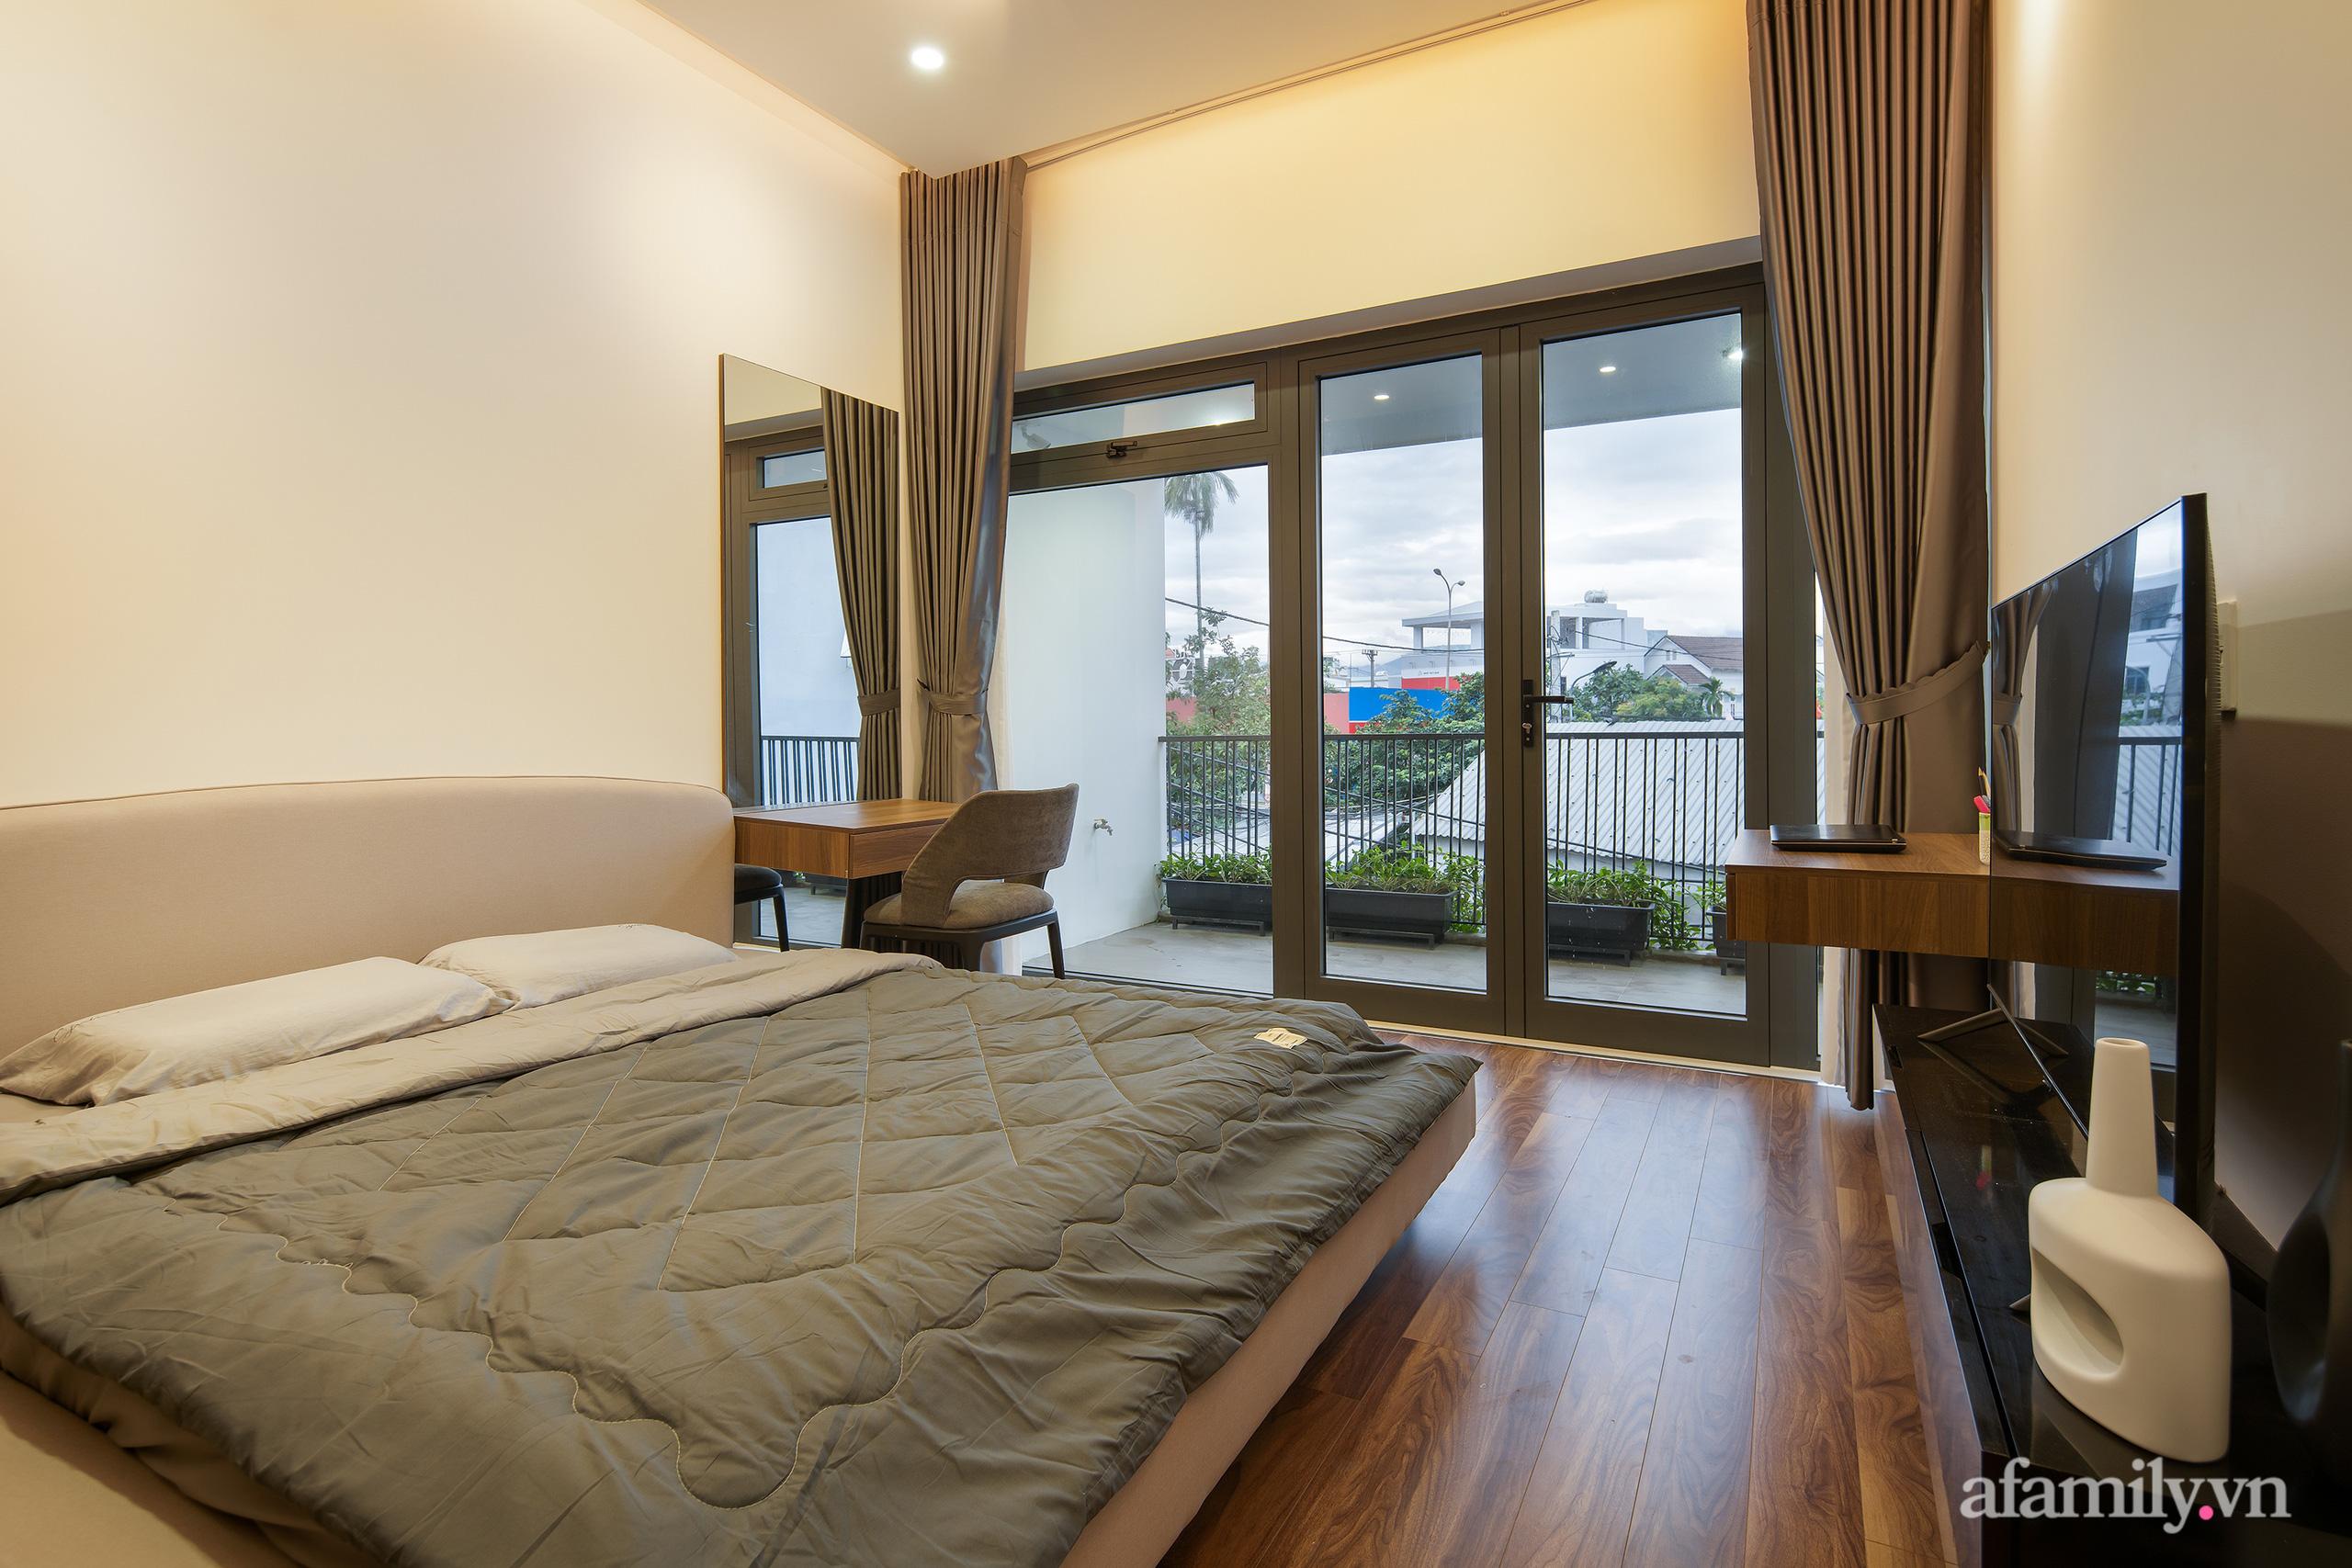 Nhà trong hẻm nhỏ vẫn ngập tràn ánh sáng, duyên dáng với nội thất tối giản ở Đà Nẵng - Ảnh 16.